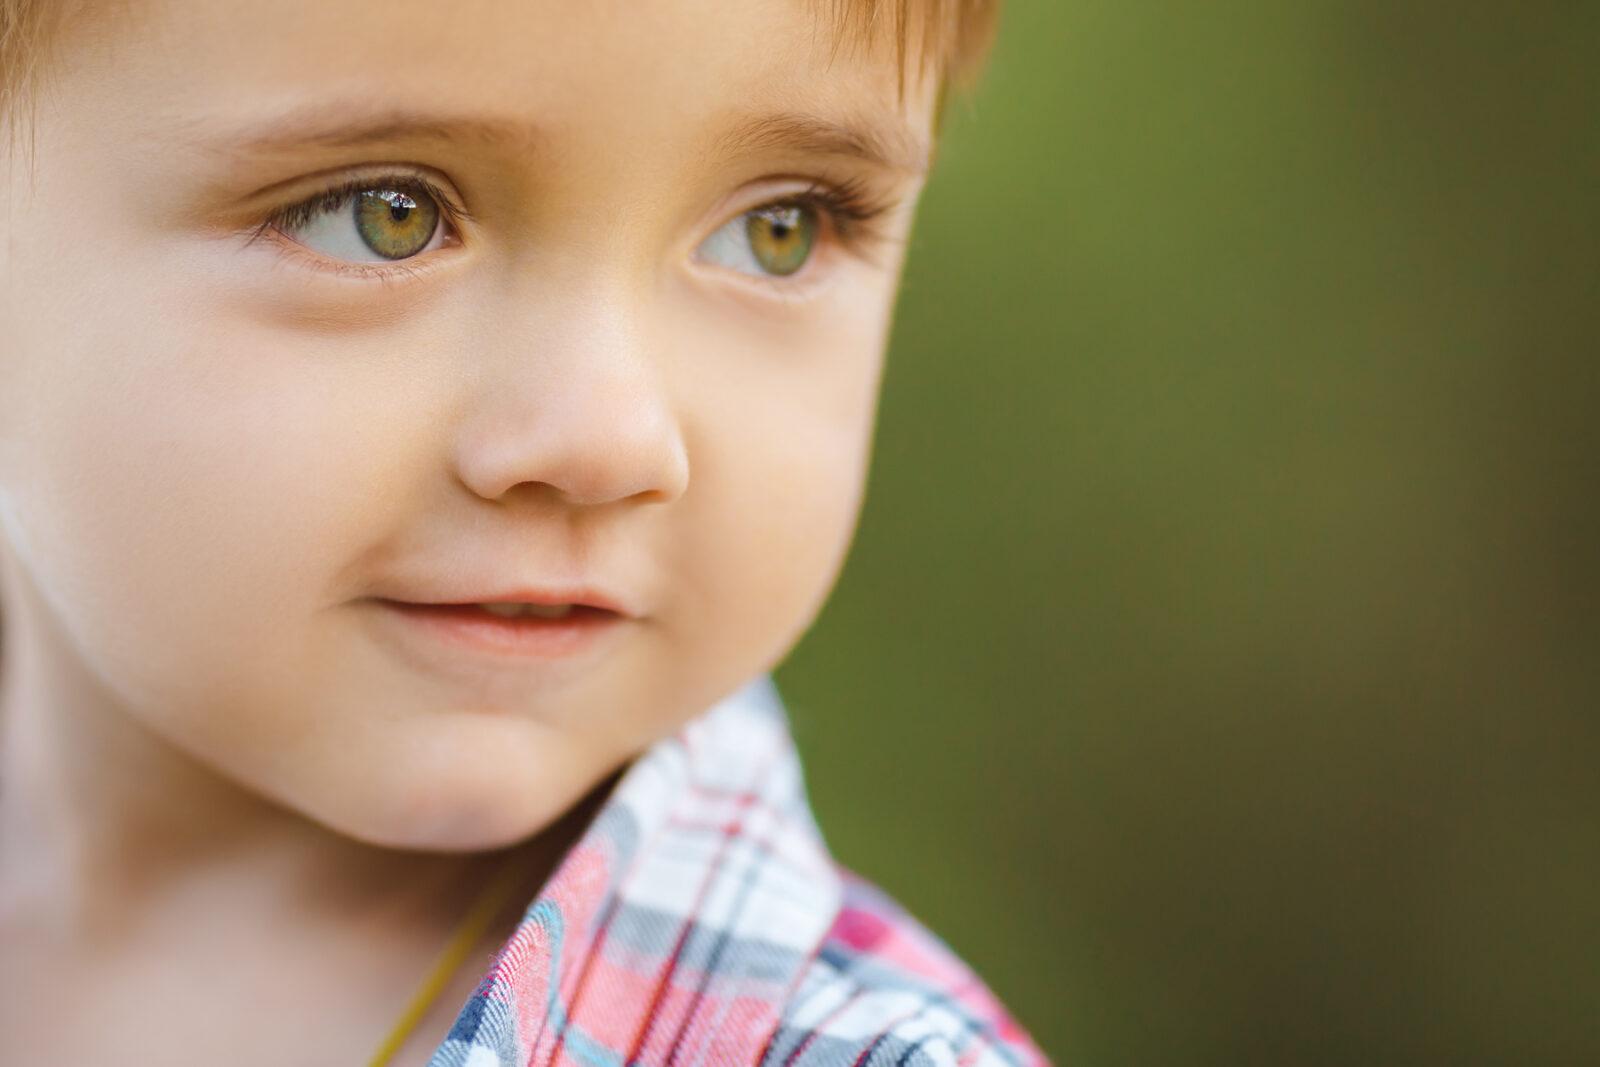 psicologia infantile Psicologa Psicoterapeuta Luisa Morassi